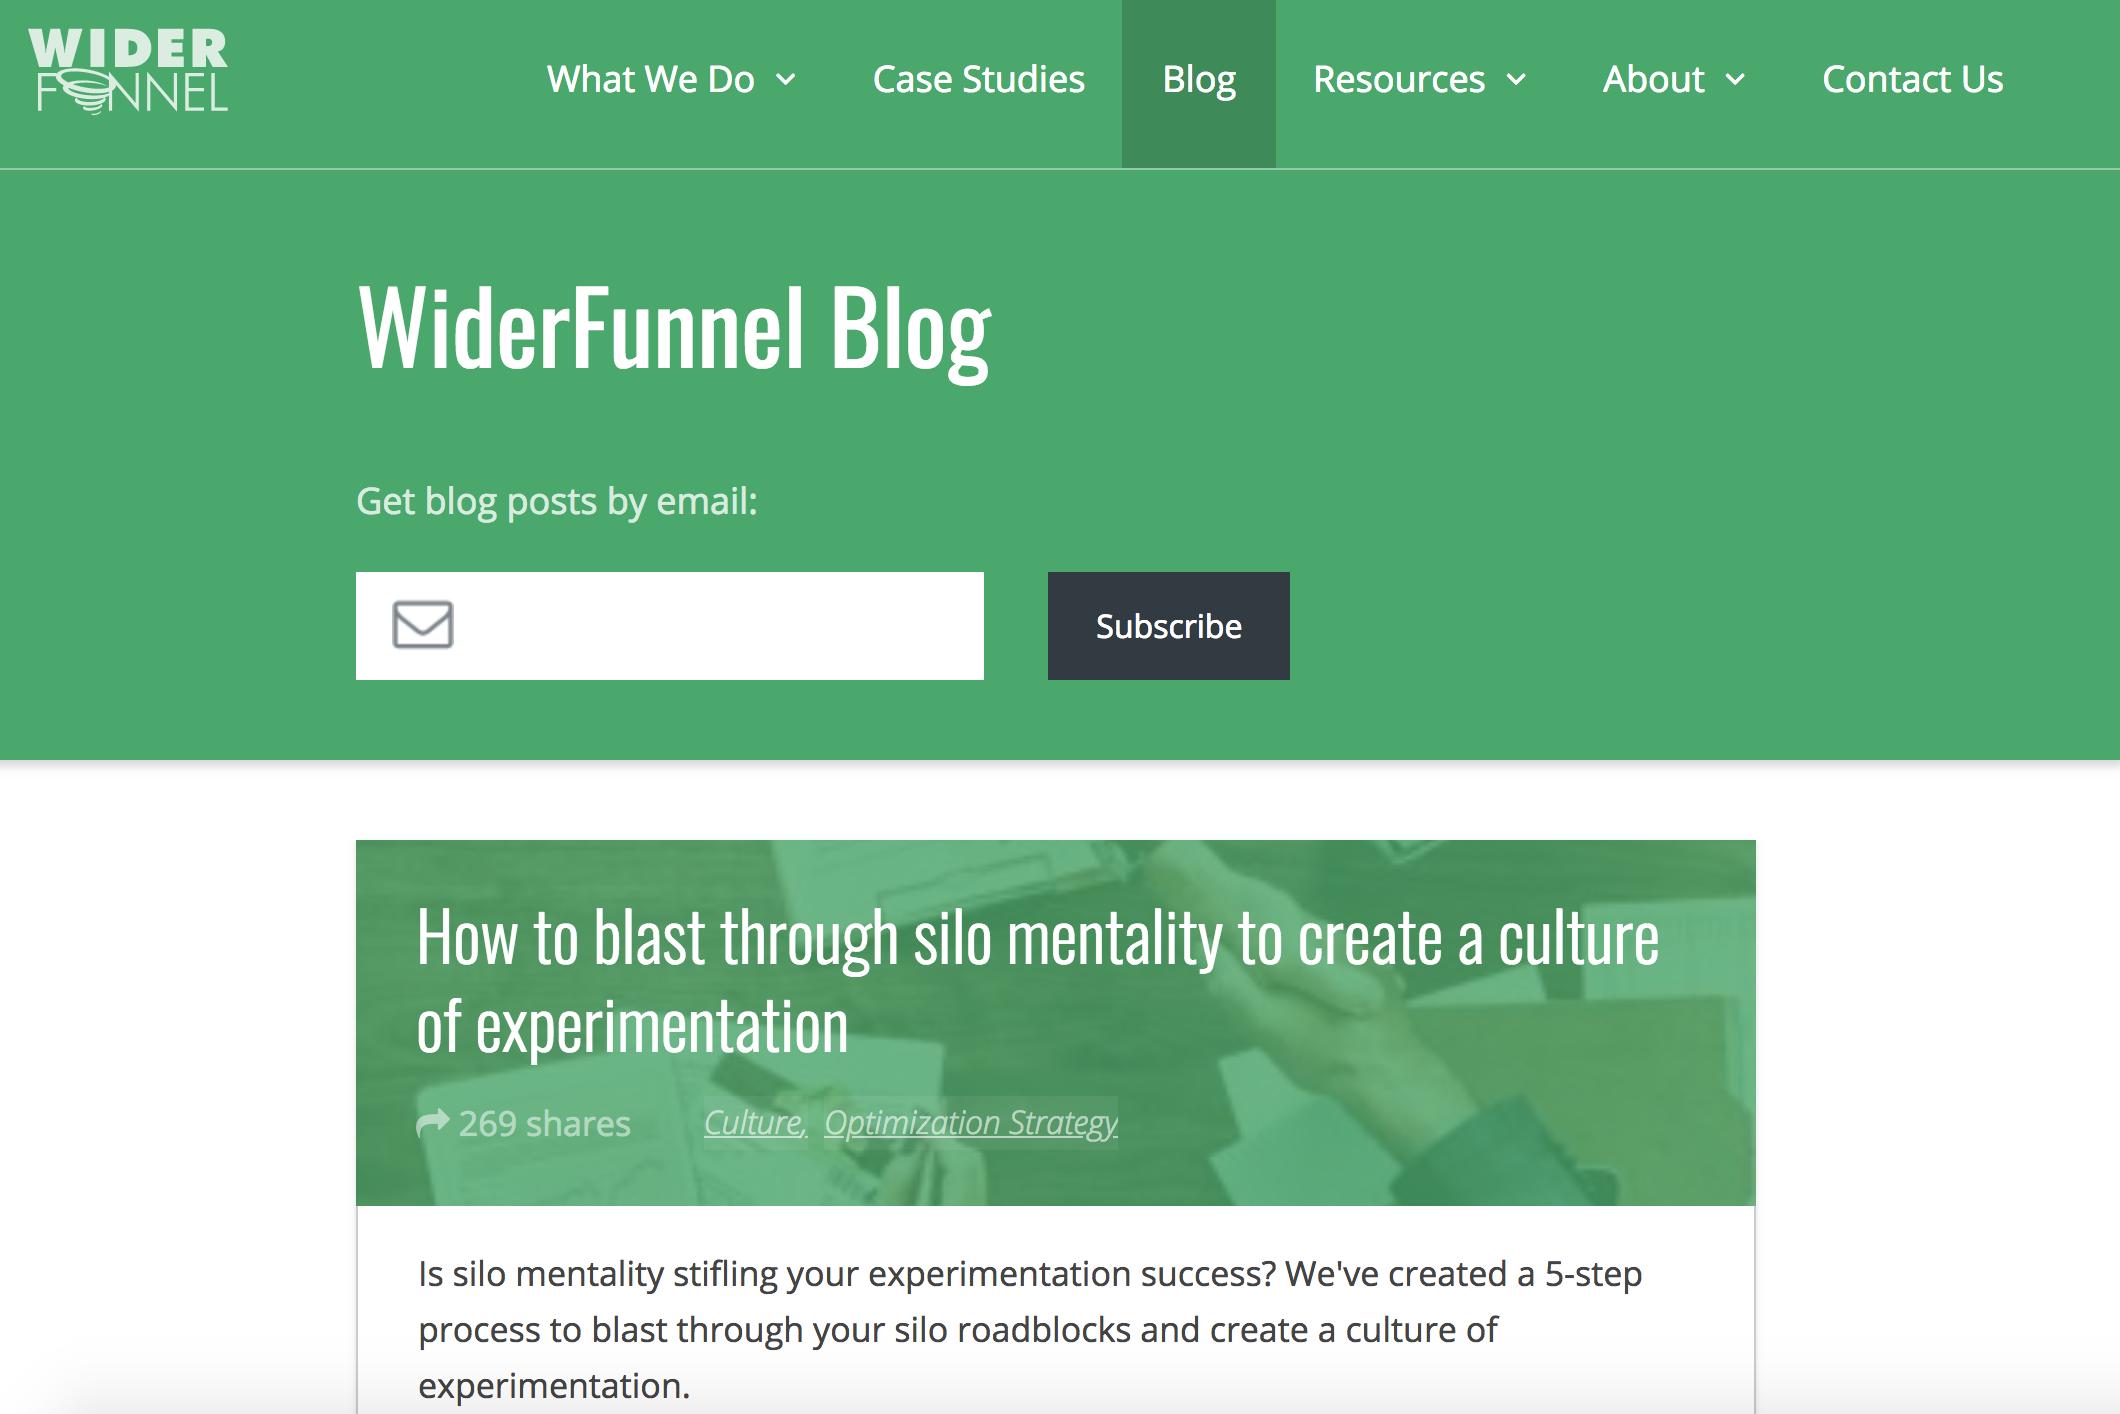 wider_funnel_blog